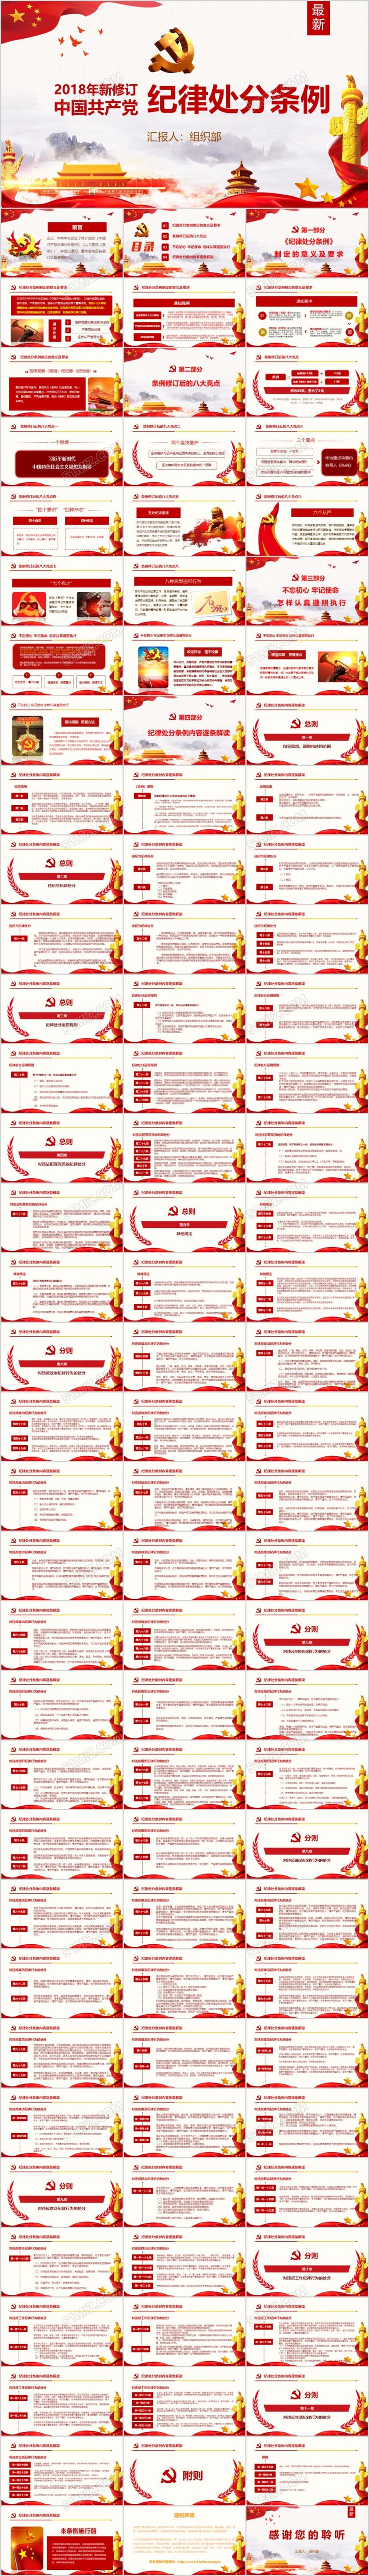 红色中国共产党纪律处分条例党课宣传学习ppt模板